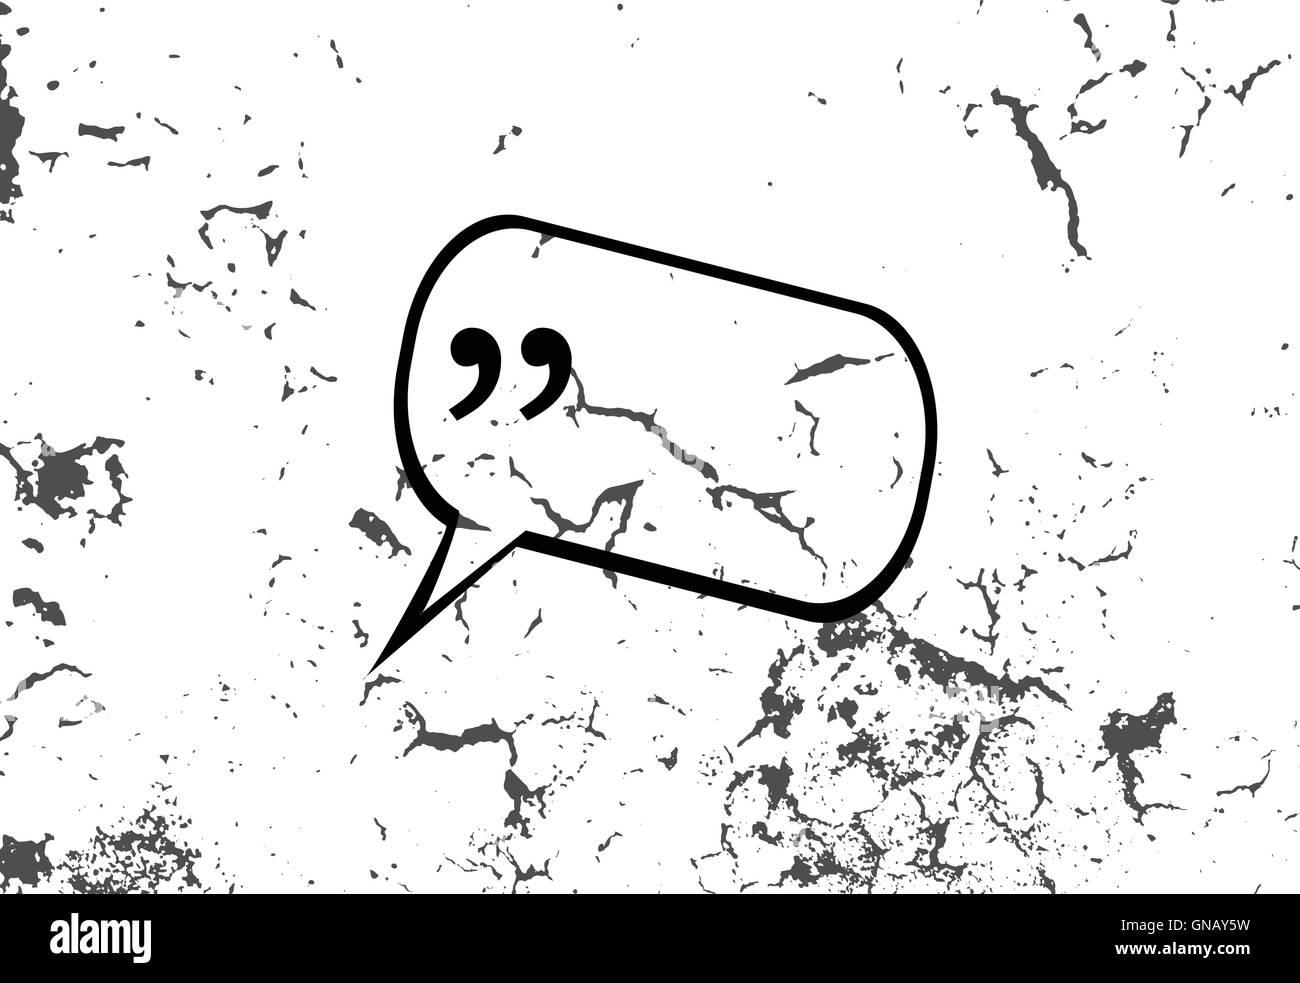 Zitate Leere Images - Die besten zitate Ideen